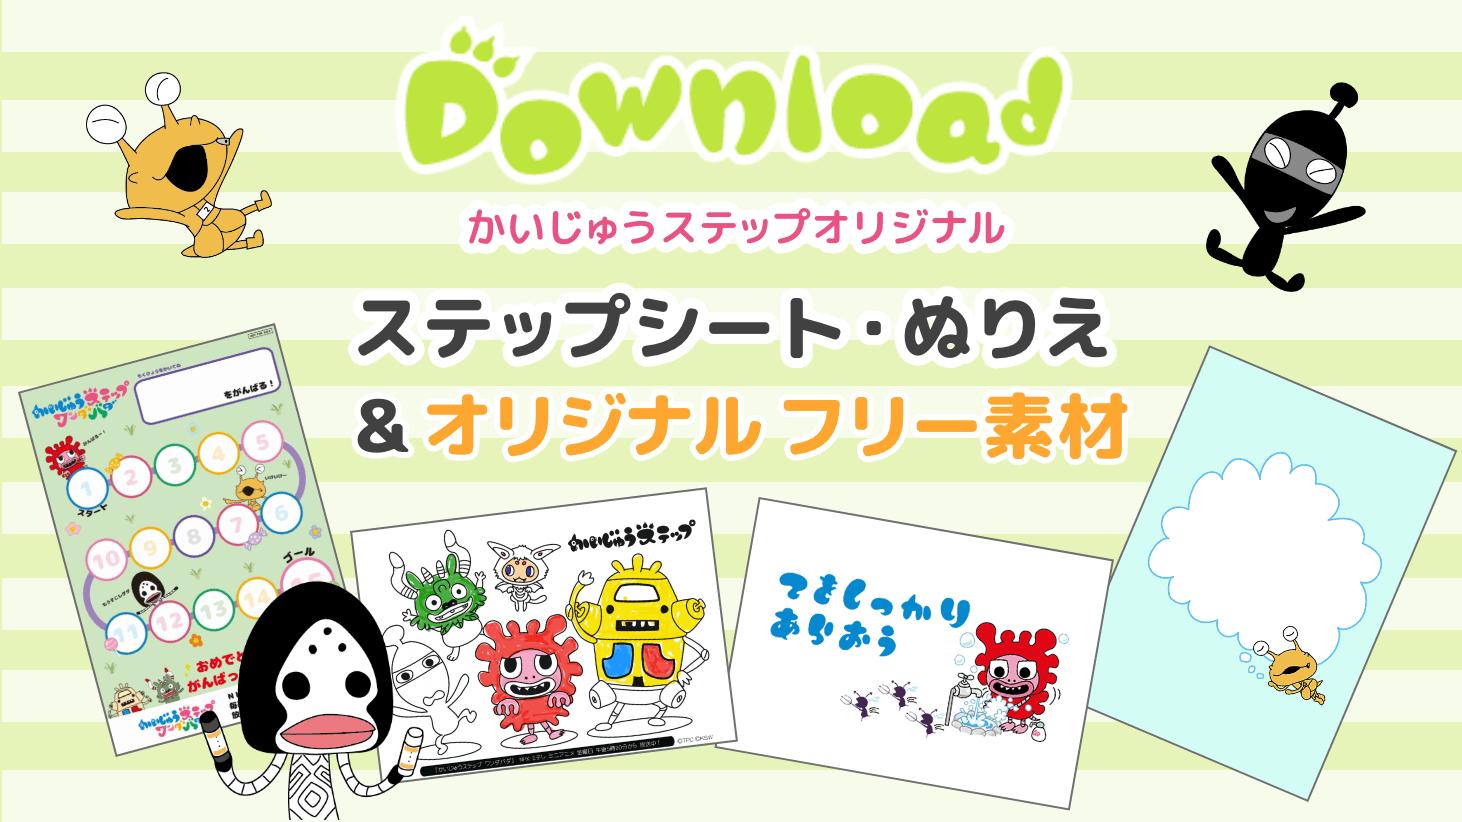 ステップシート・ぬりえ&フリー素材 無料配信開始!